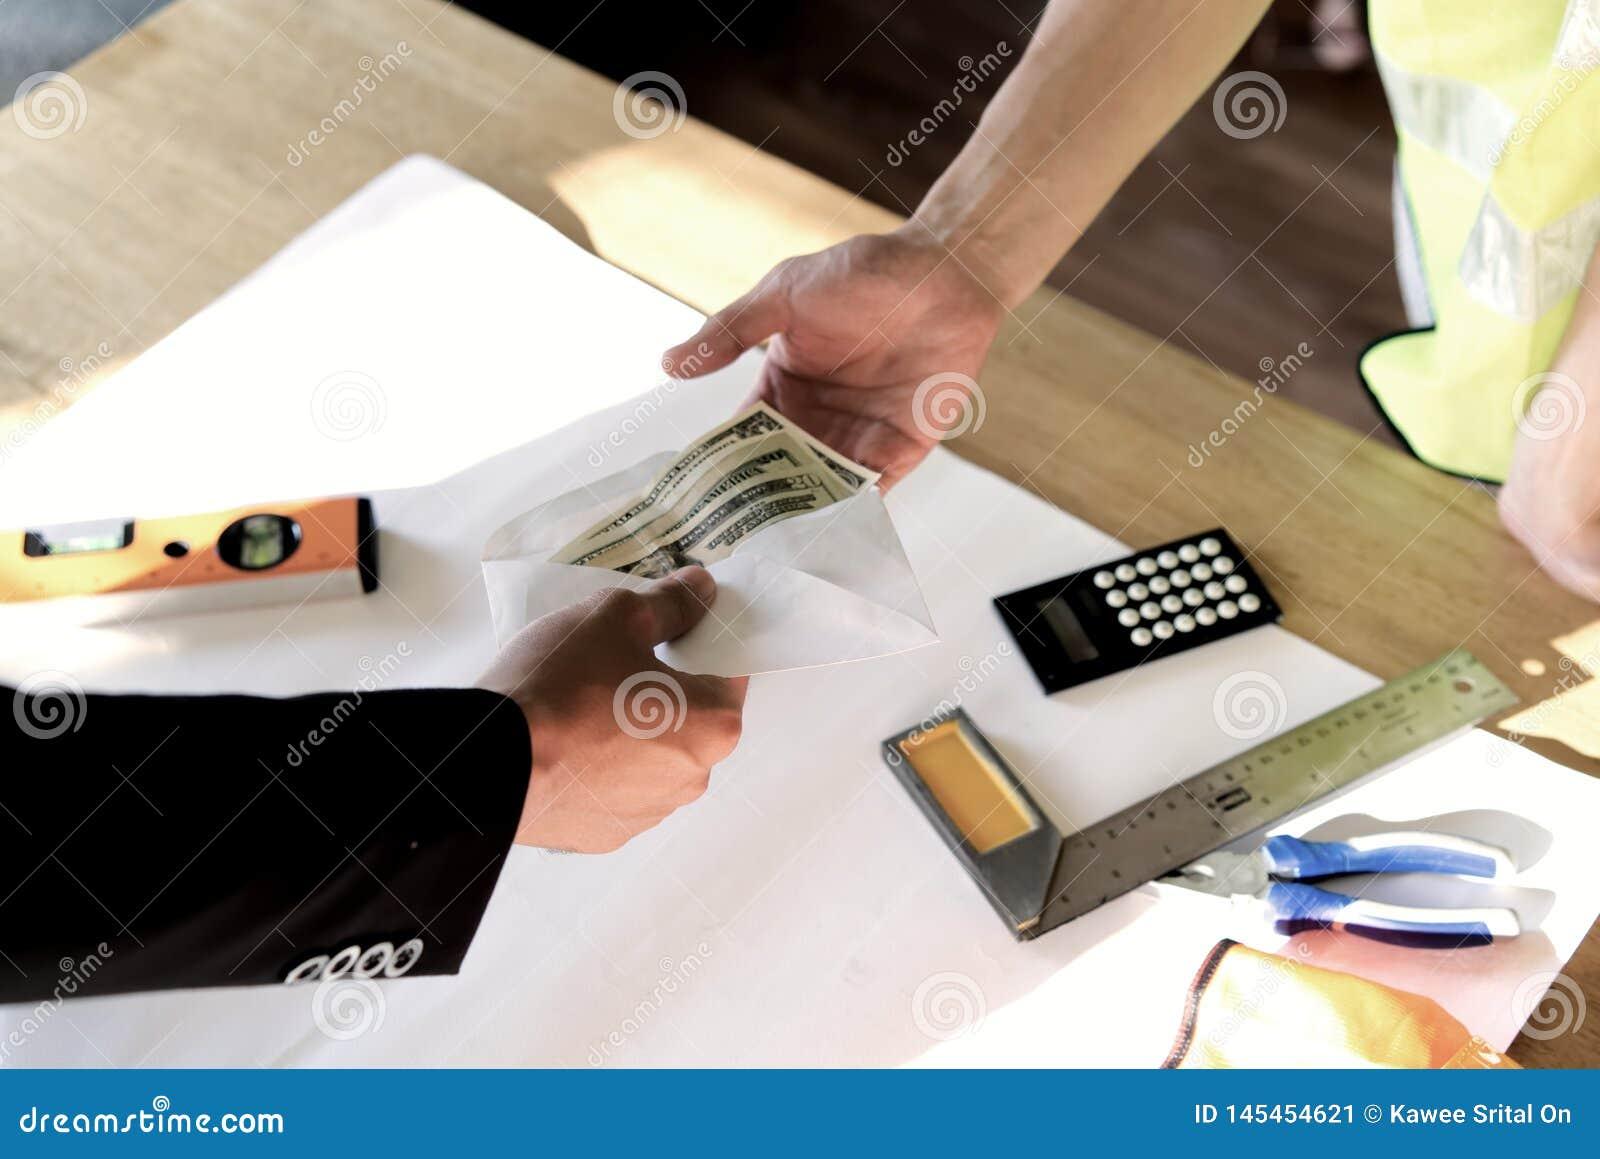 Взгляд сверху руки владельца или босса давая деньги работнику или нанятому человеку для его зарплаты или зарплаты над таблицей Оп